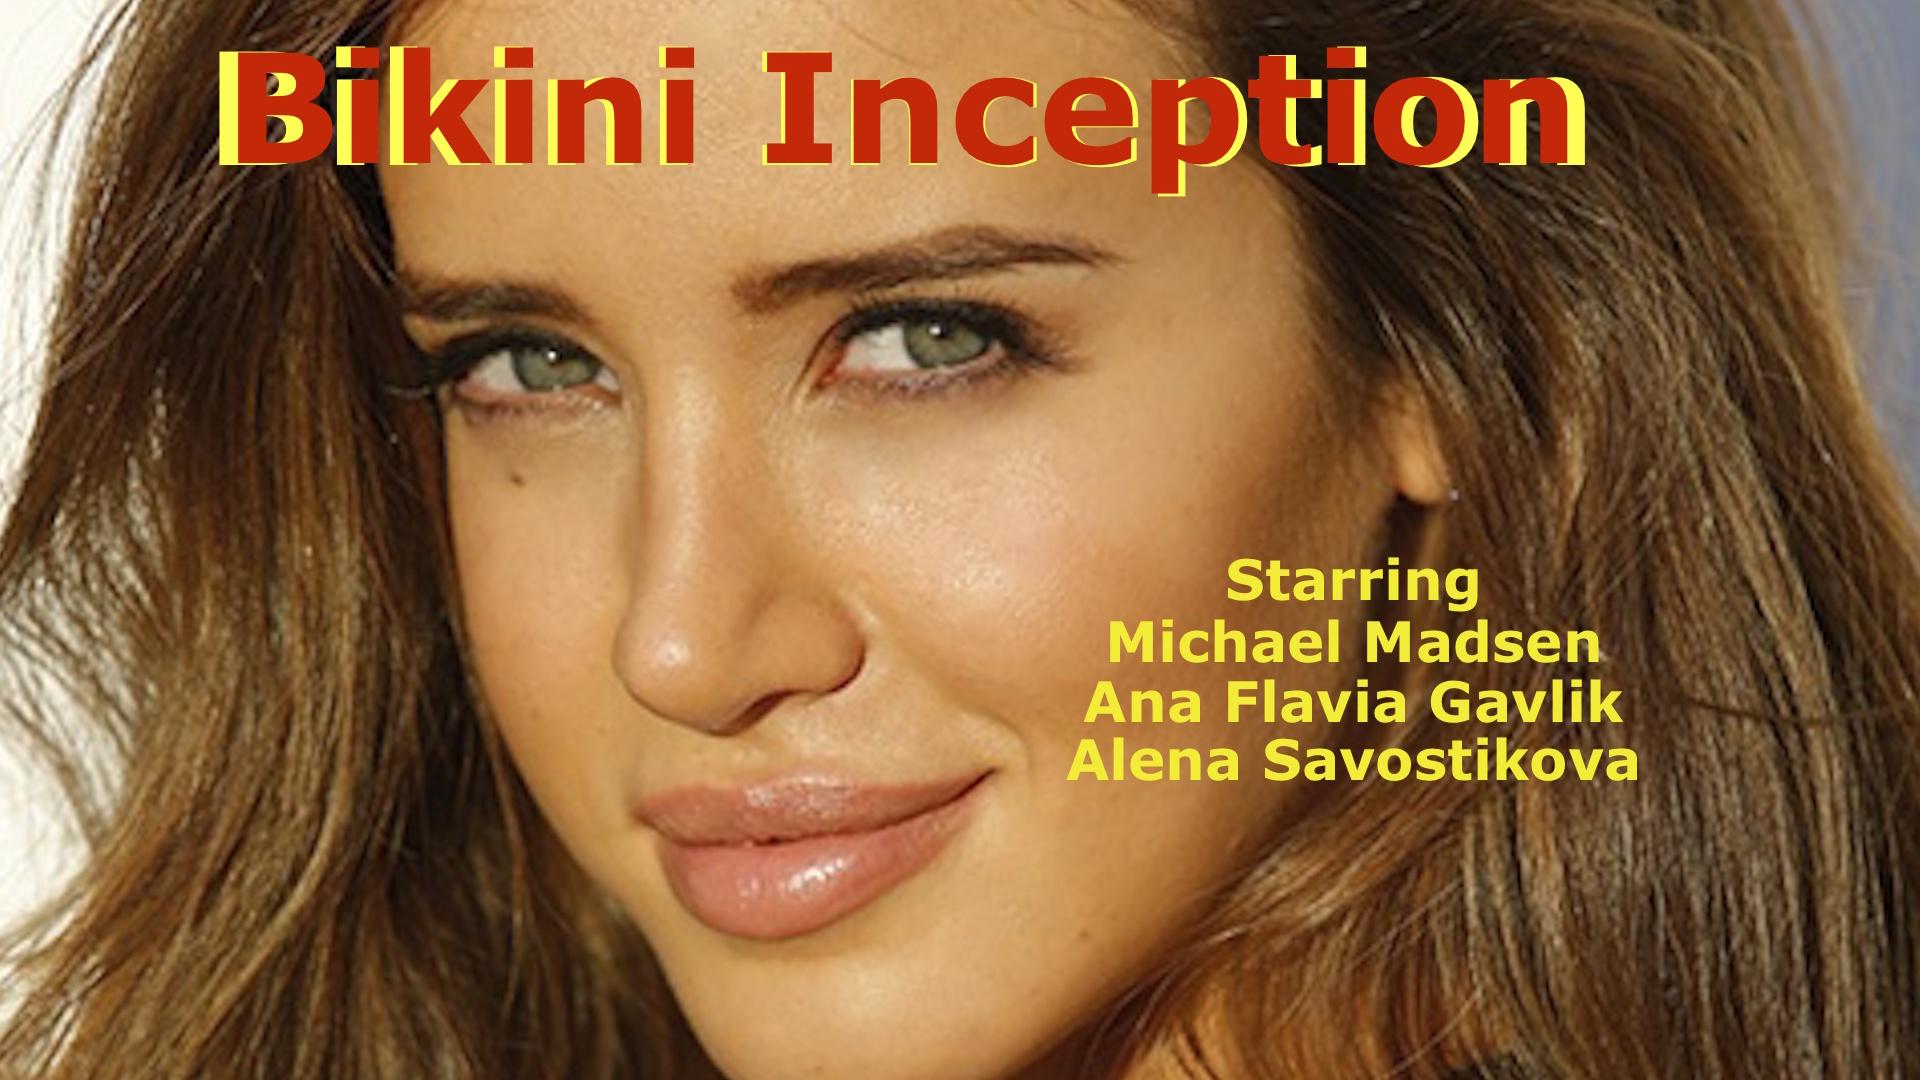 Bikini Inception